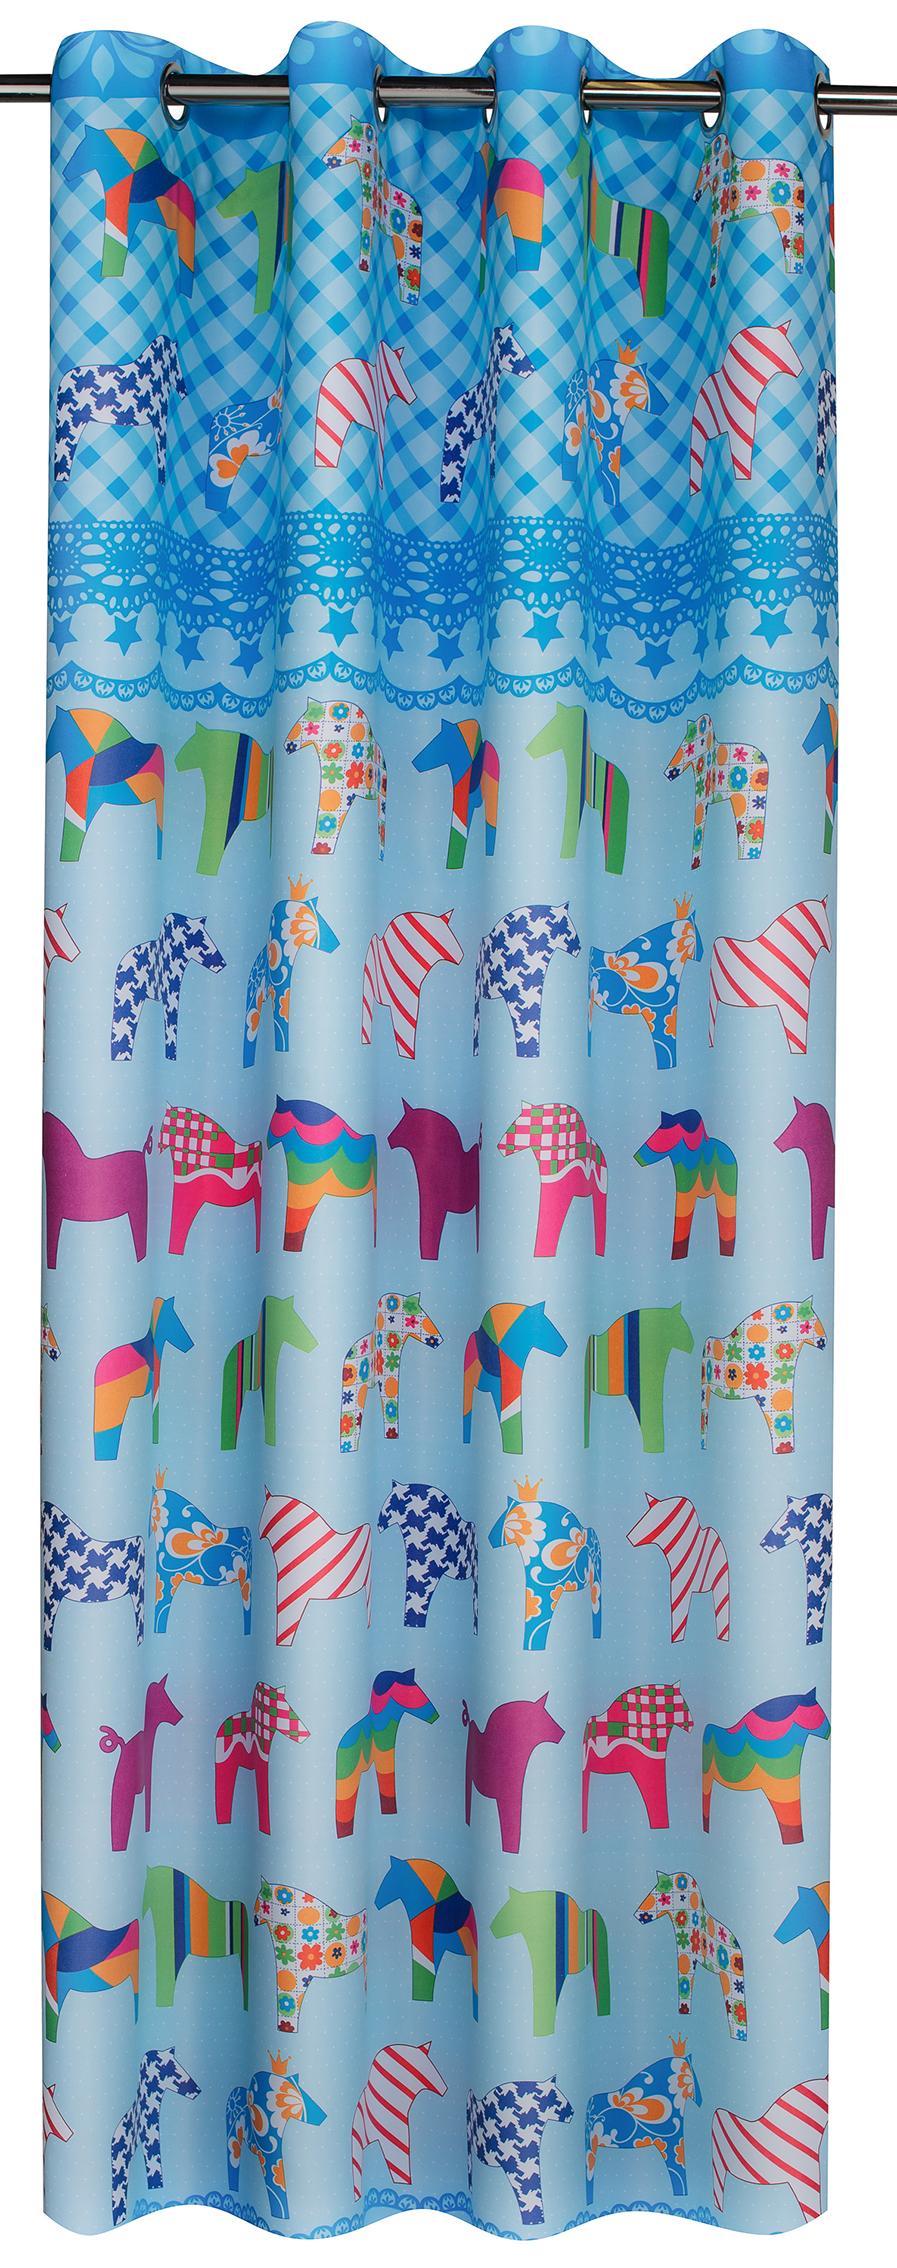 rideau pour chambre d enfant motifs petits chevaux. Black Bedroom Furniture Sets. Home Design Ideas